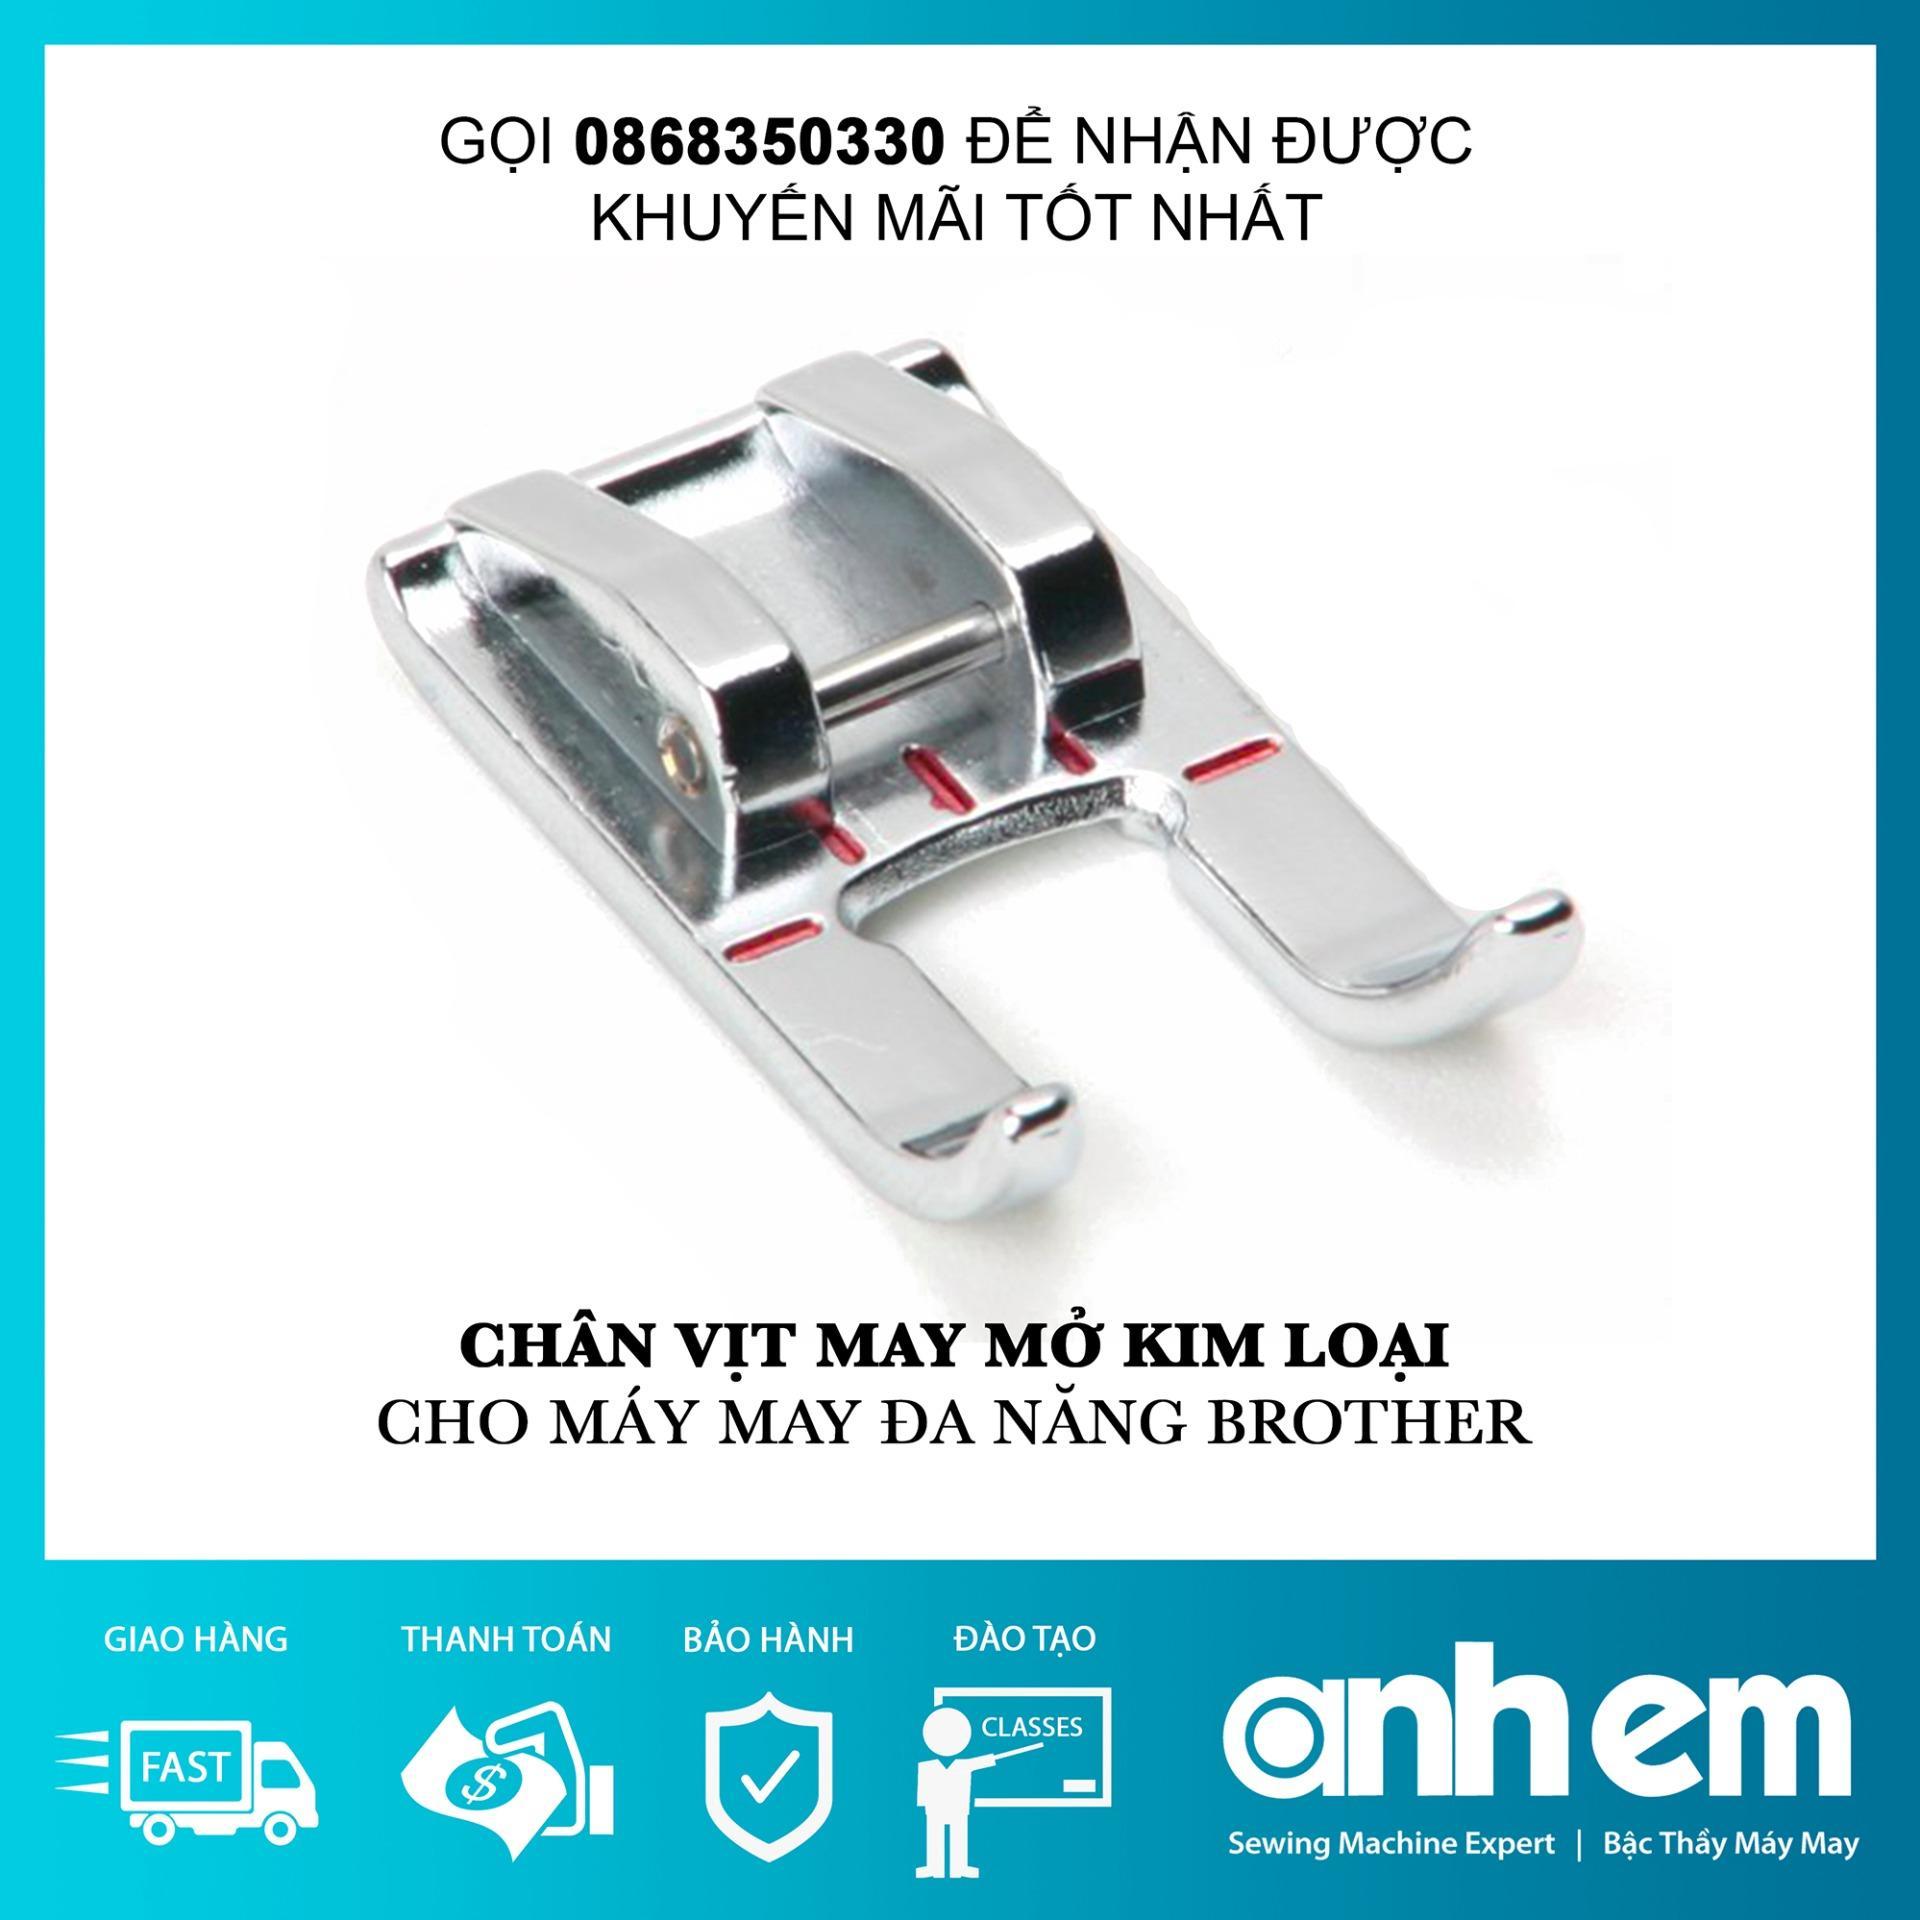 Chân Vịt May Mở F060 - Máy May Đa Năng Brother